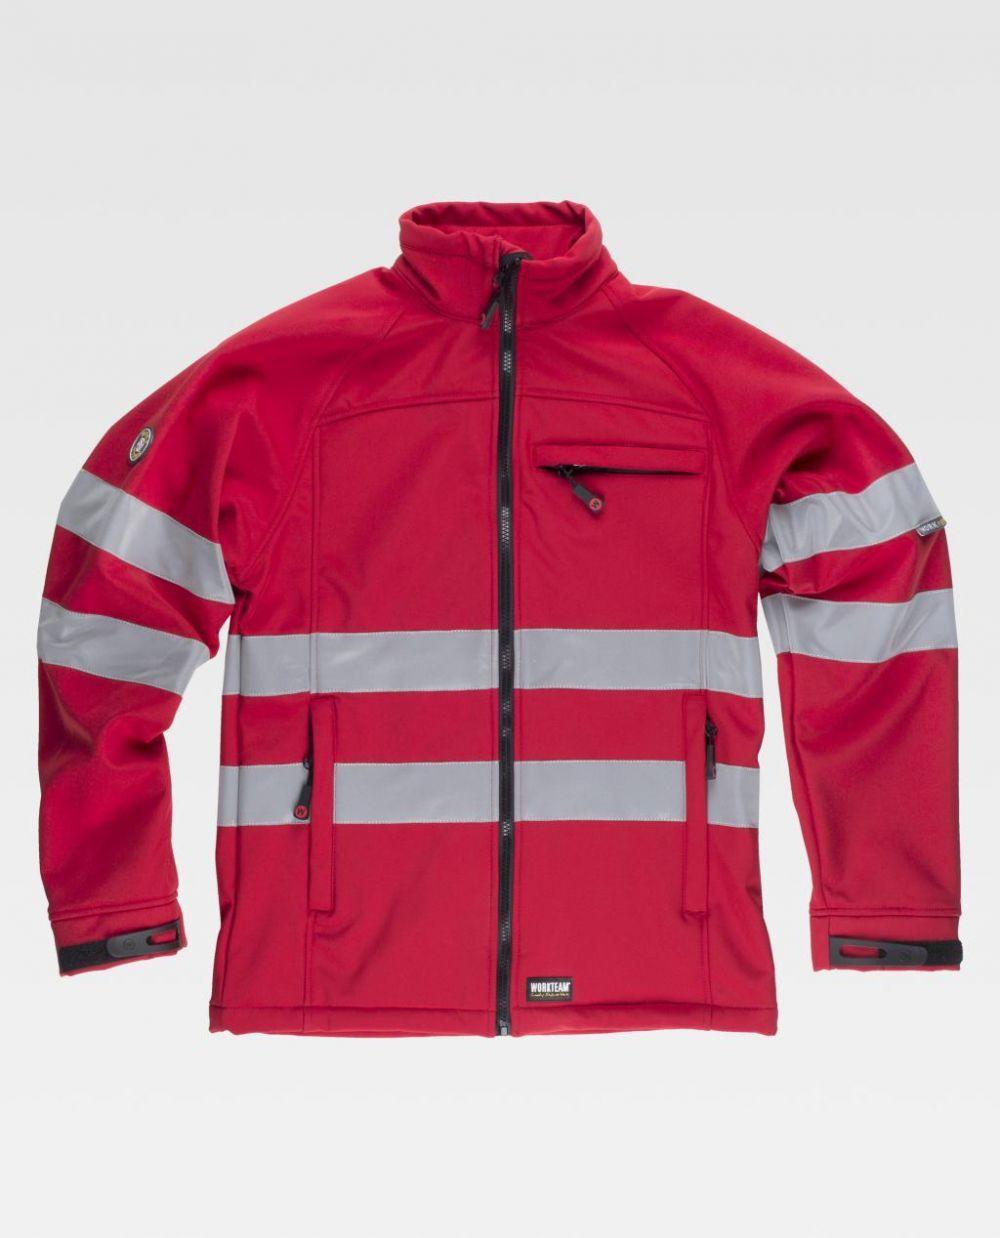 Chaquetas y parkas reflectantes workteam chaquetas workshell de algodon con impresión vista 1